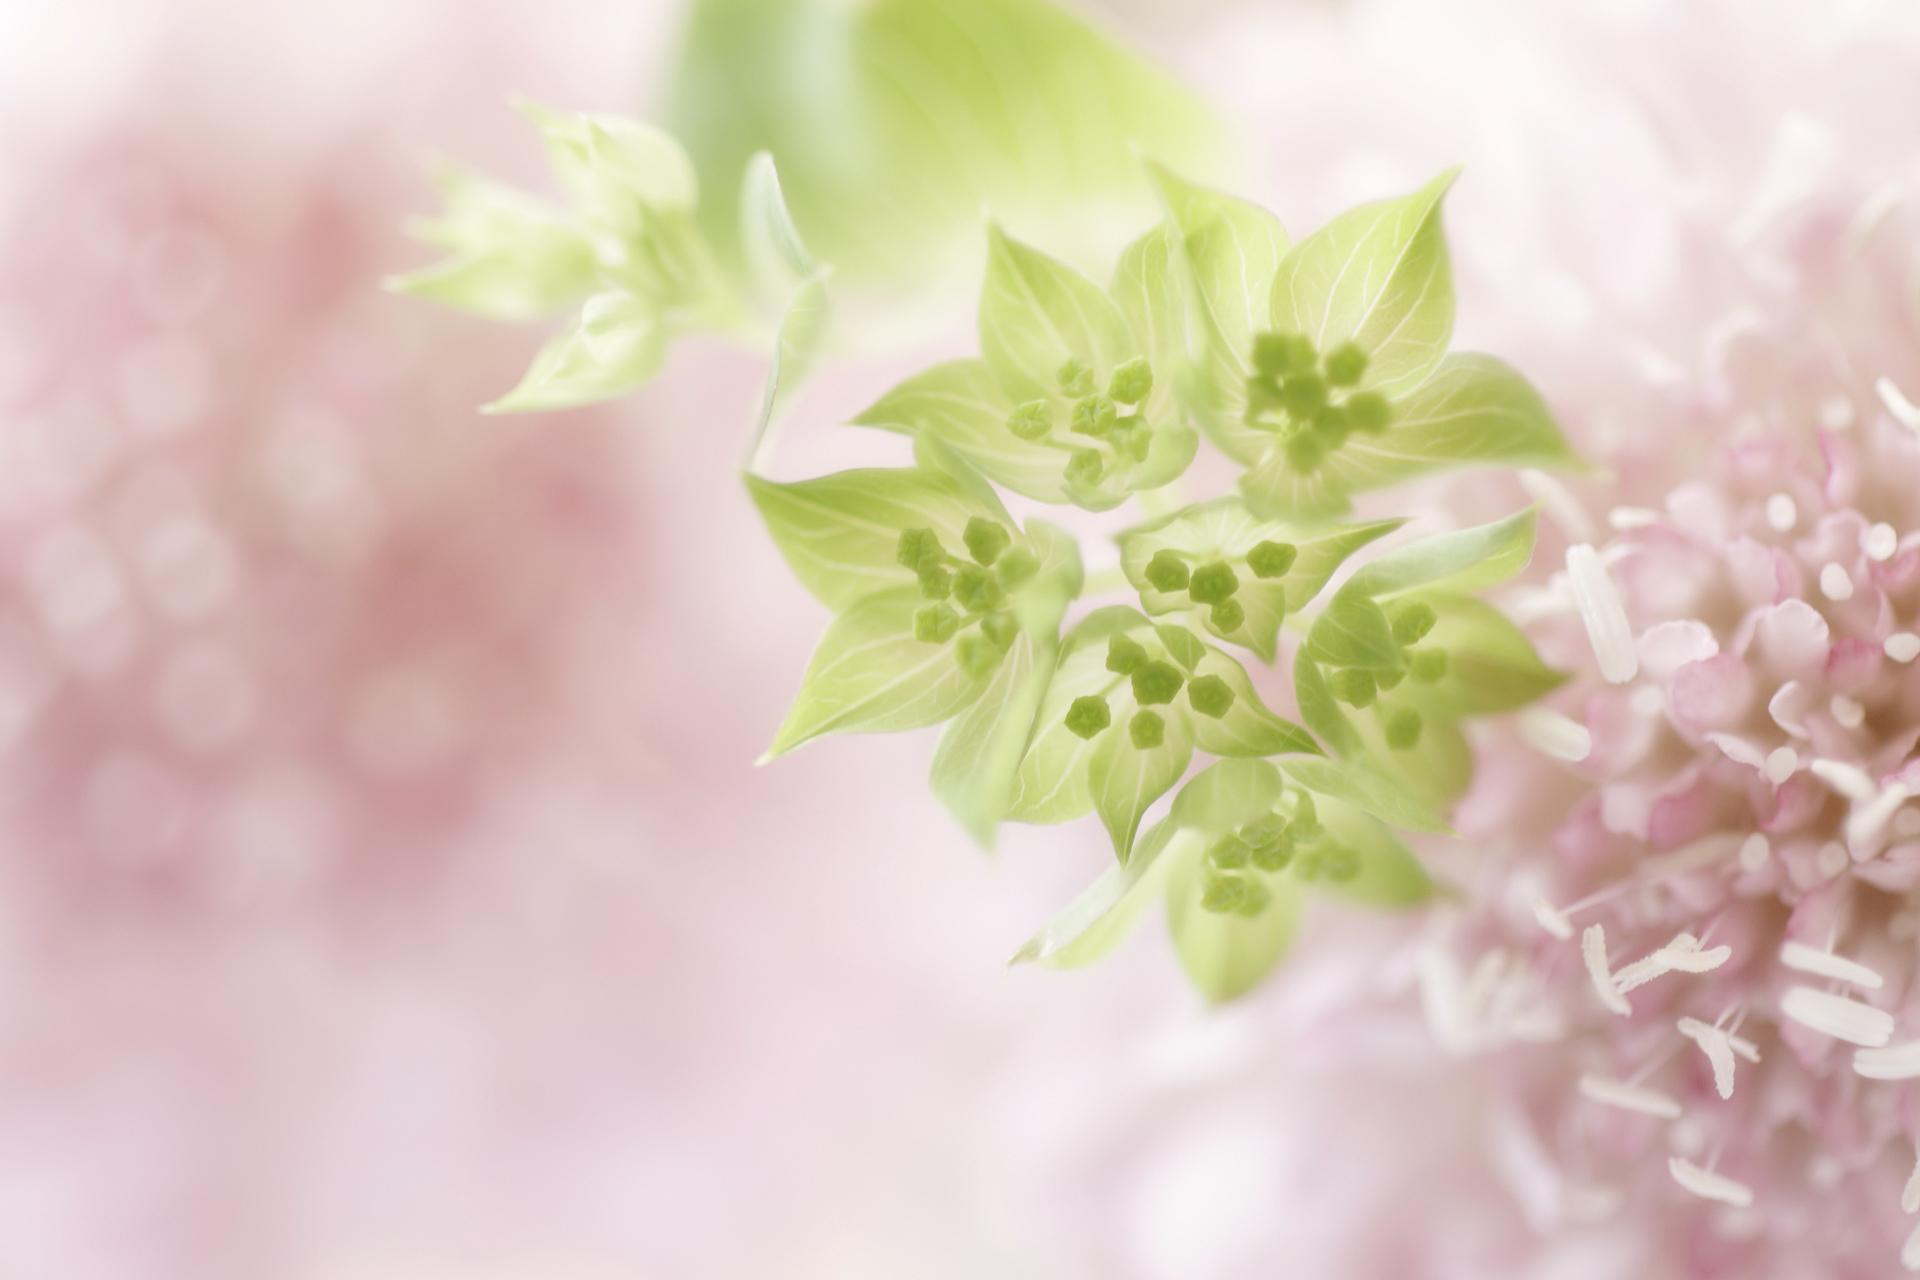 нежные цветы обои на презентацию может быть речи